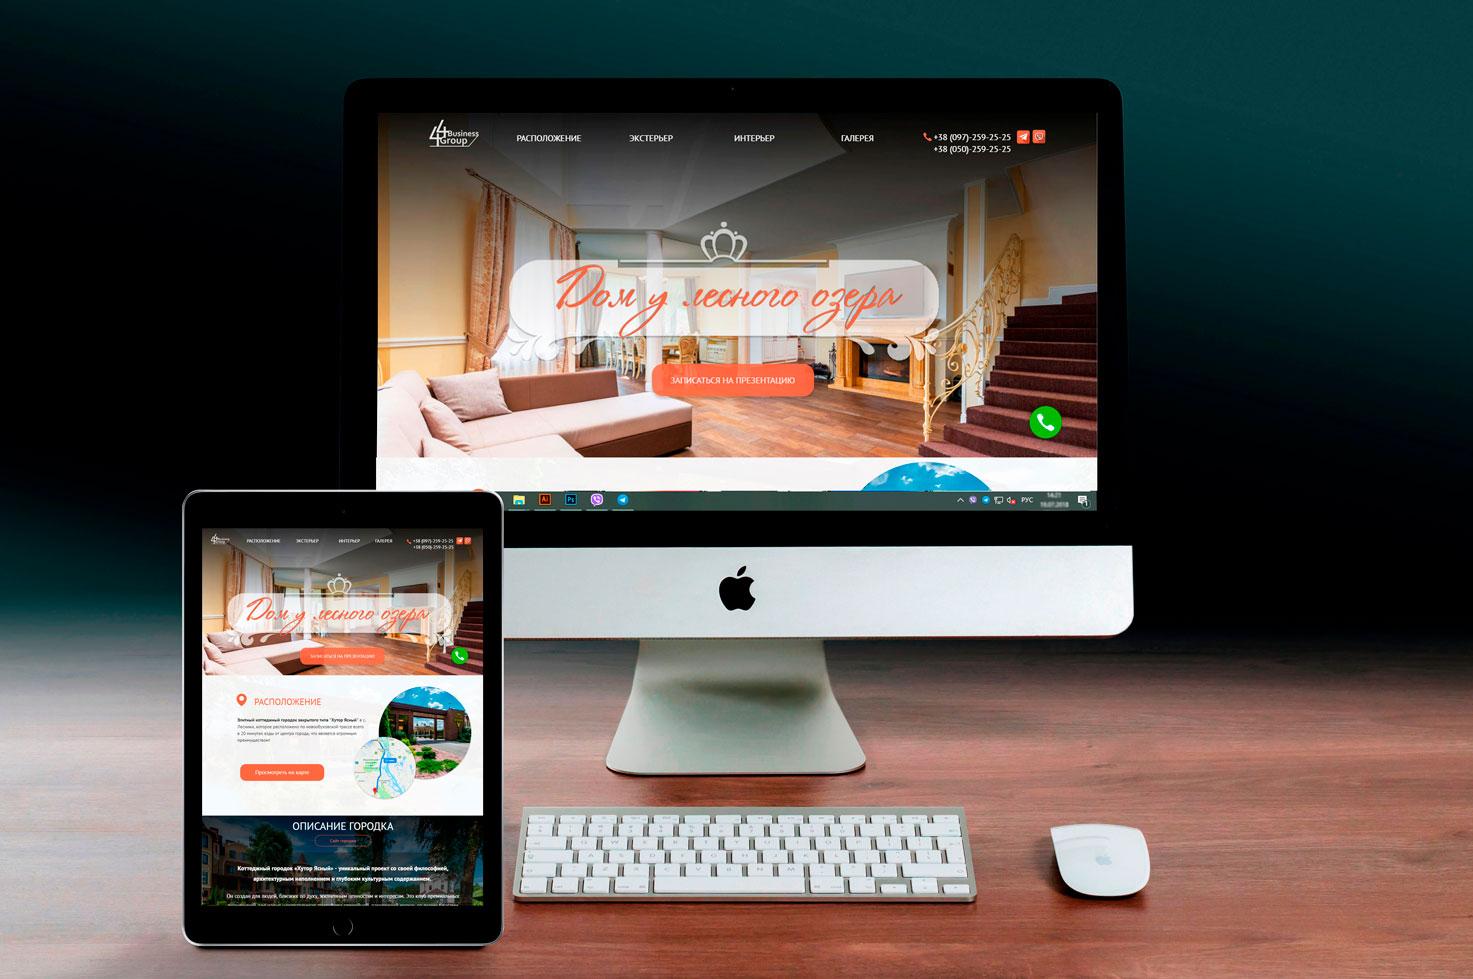 Фото Сайт разработанный на конструкторе Tilda. 2 дня. Ссылку на сайт по требованию